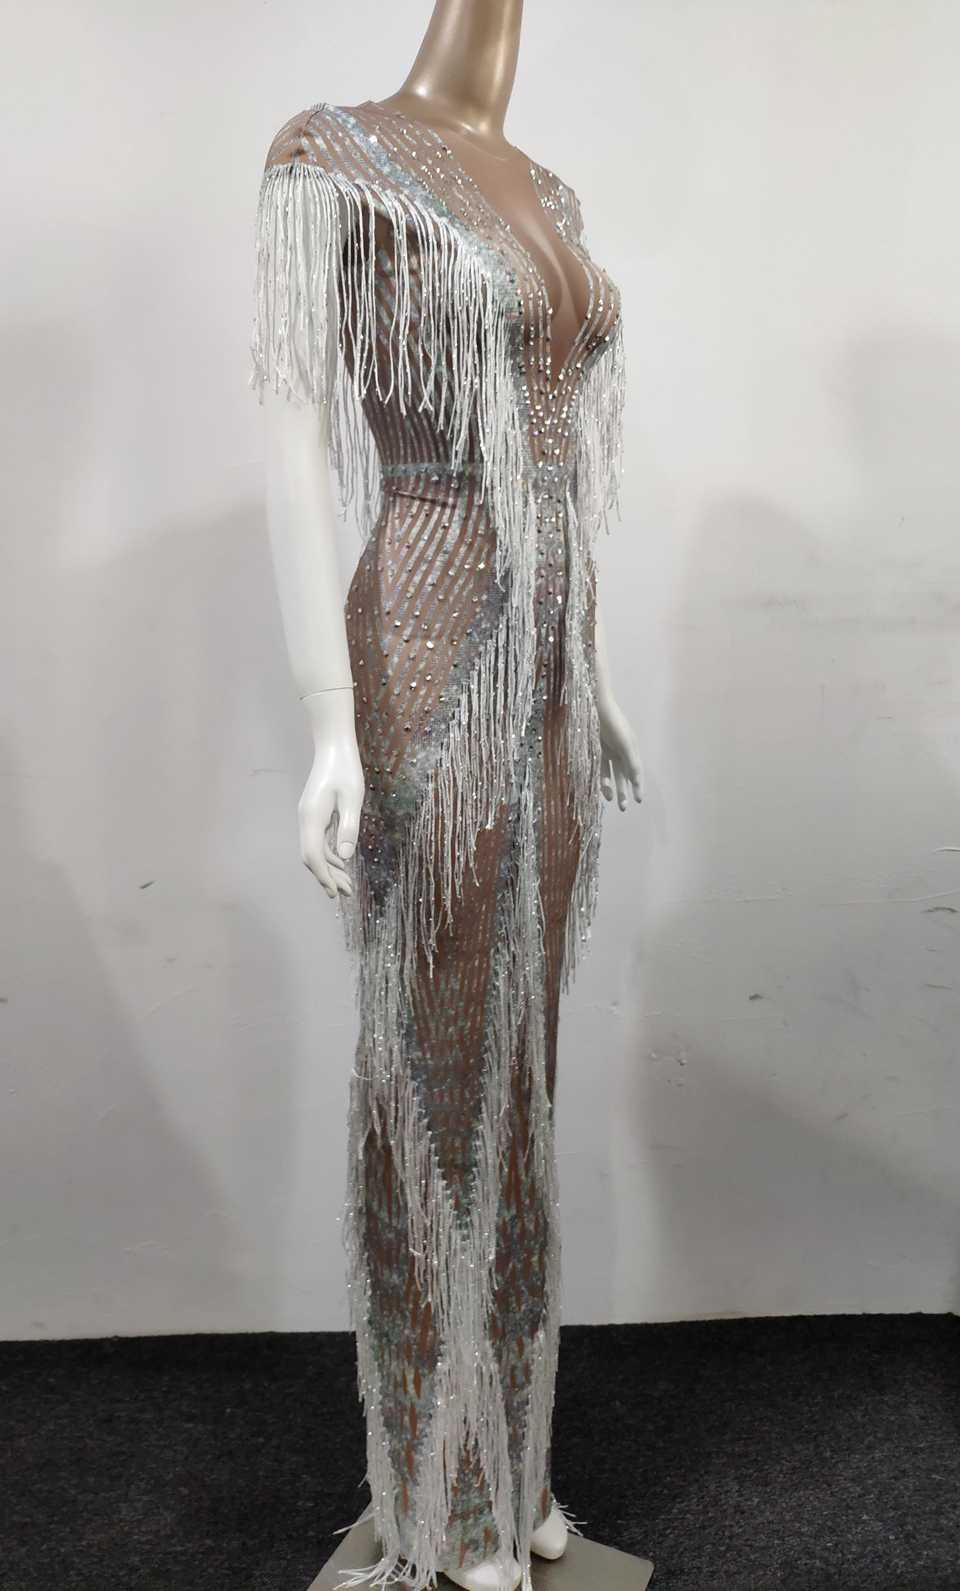 Świecący dżetów frędzle długa sukienka kobiety urodziny święto, na imprezę obcisła sukienka sukienka wieczorowa kobiet kostium sceniczny piosenkarki